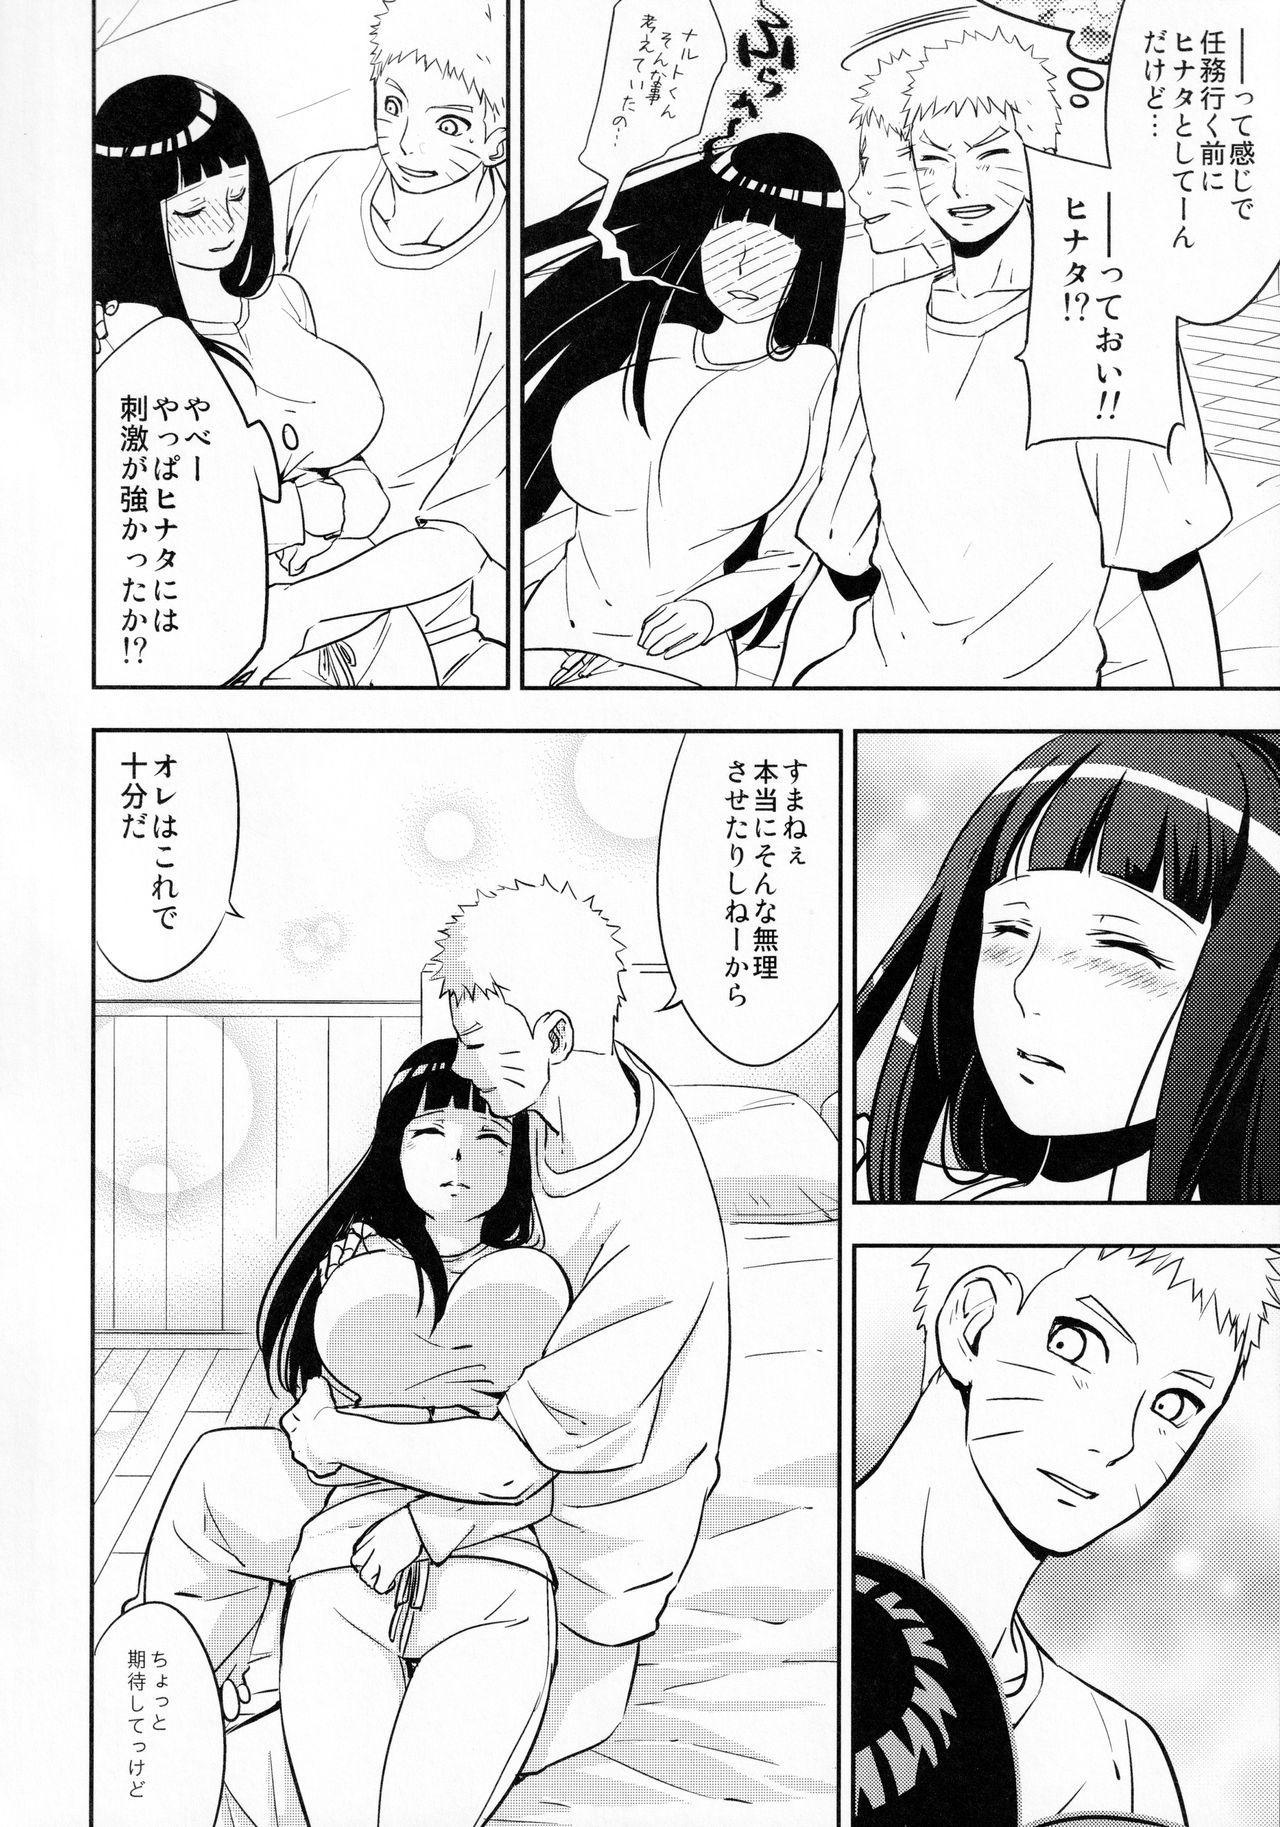 Naruto-kun ni Onegai Saretara Kotowarenai 44